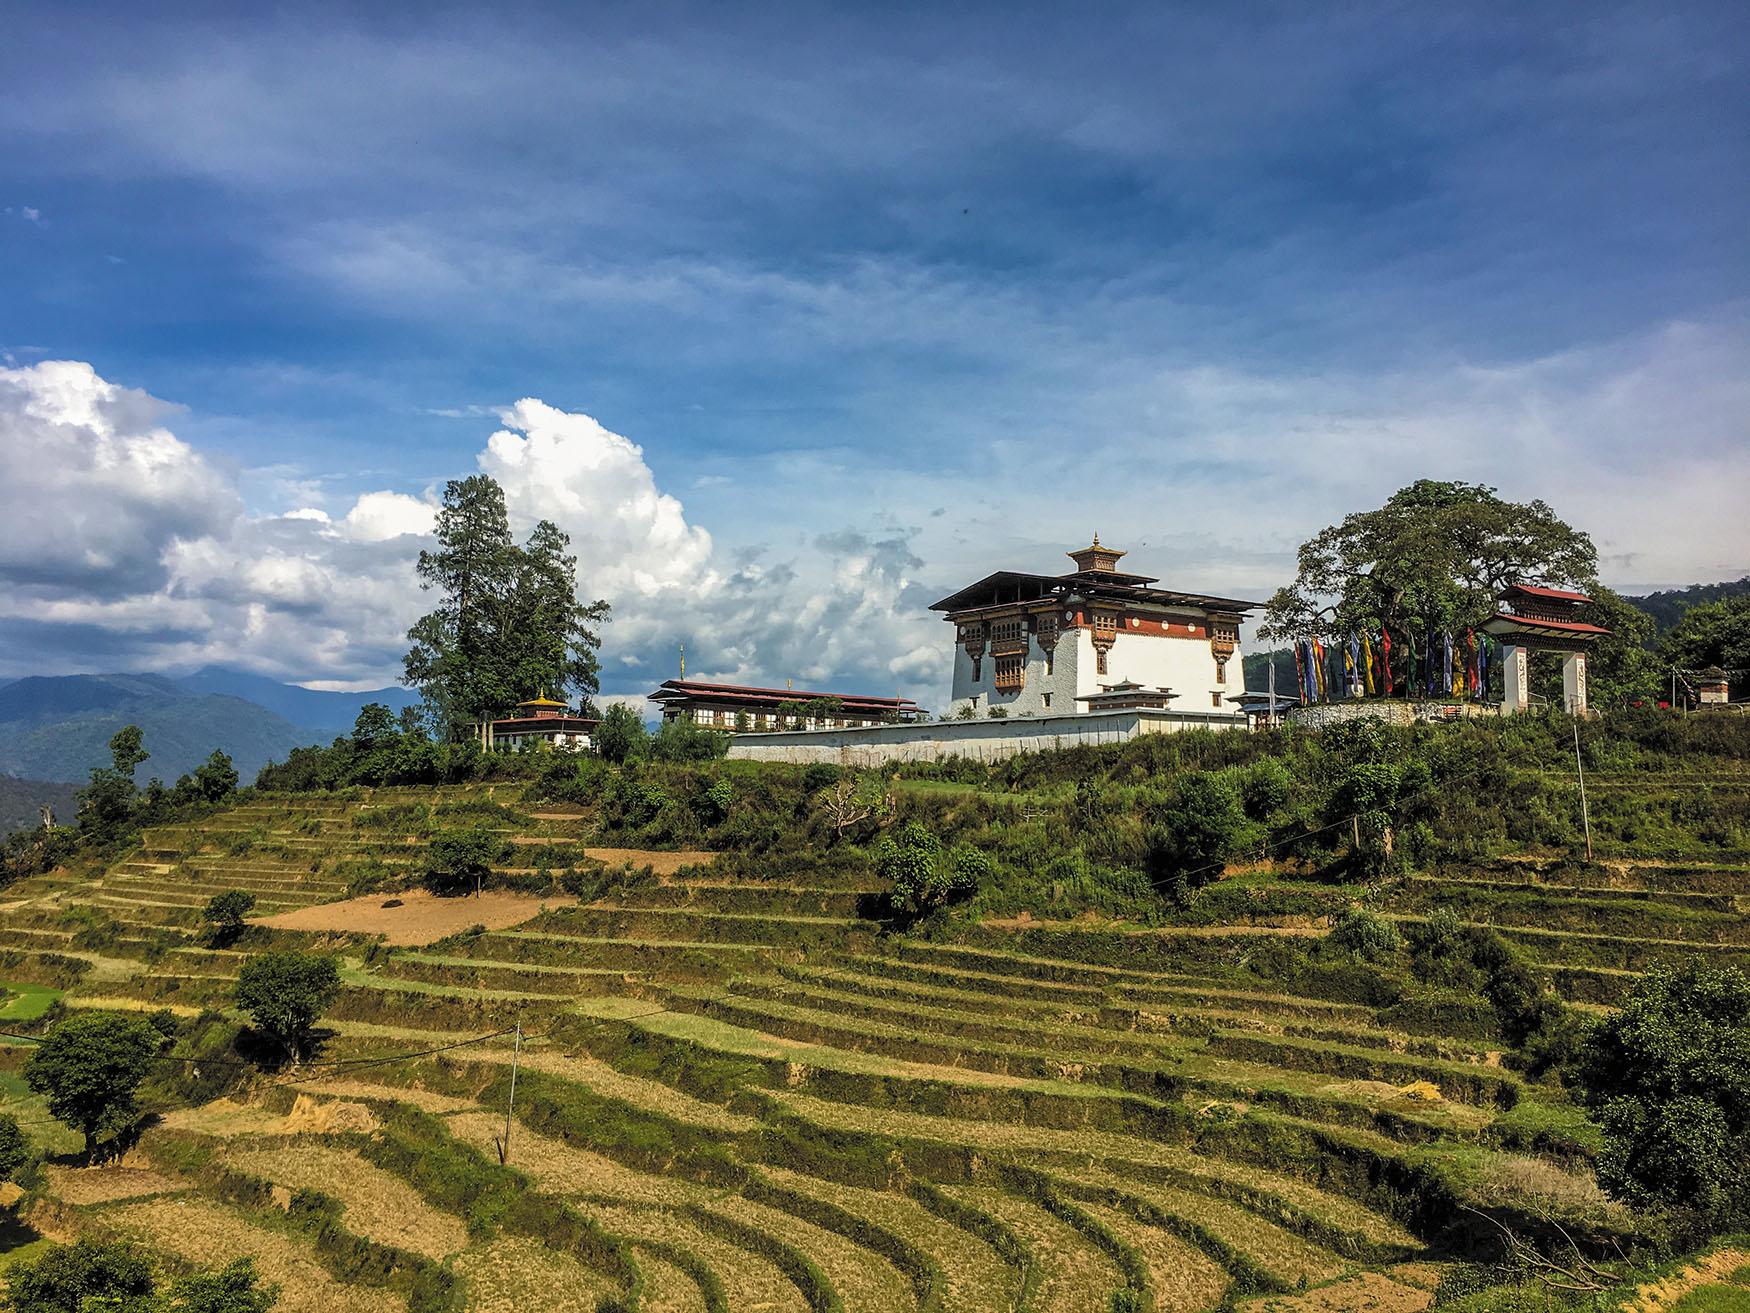 棚田を望む絶景。頂に聳えるのは僧侶学校。